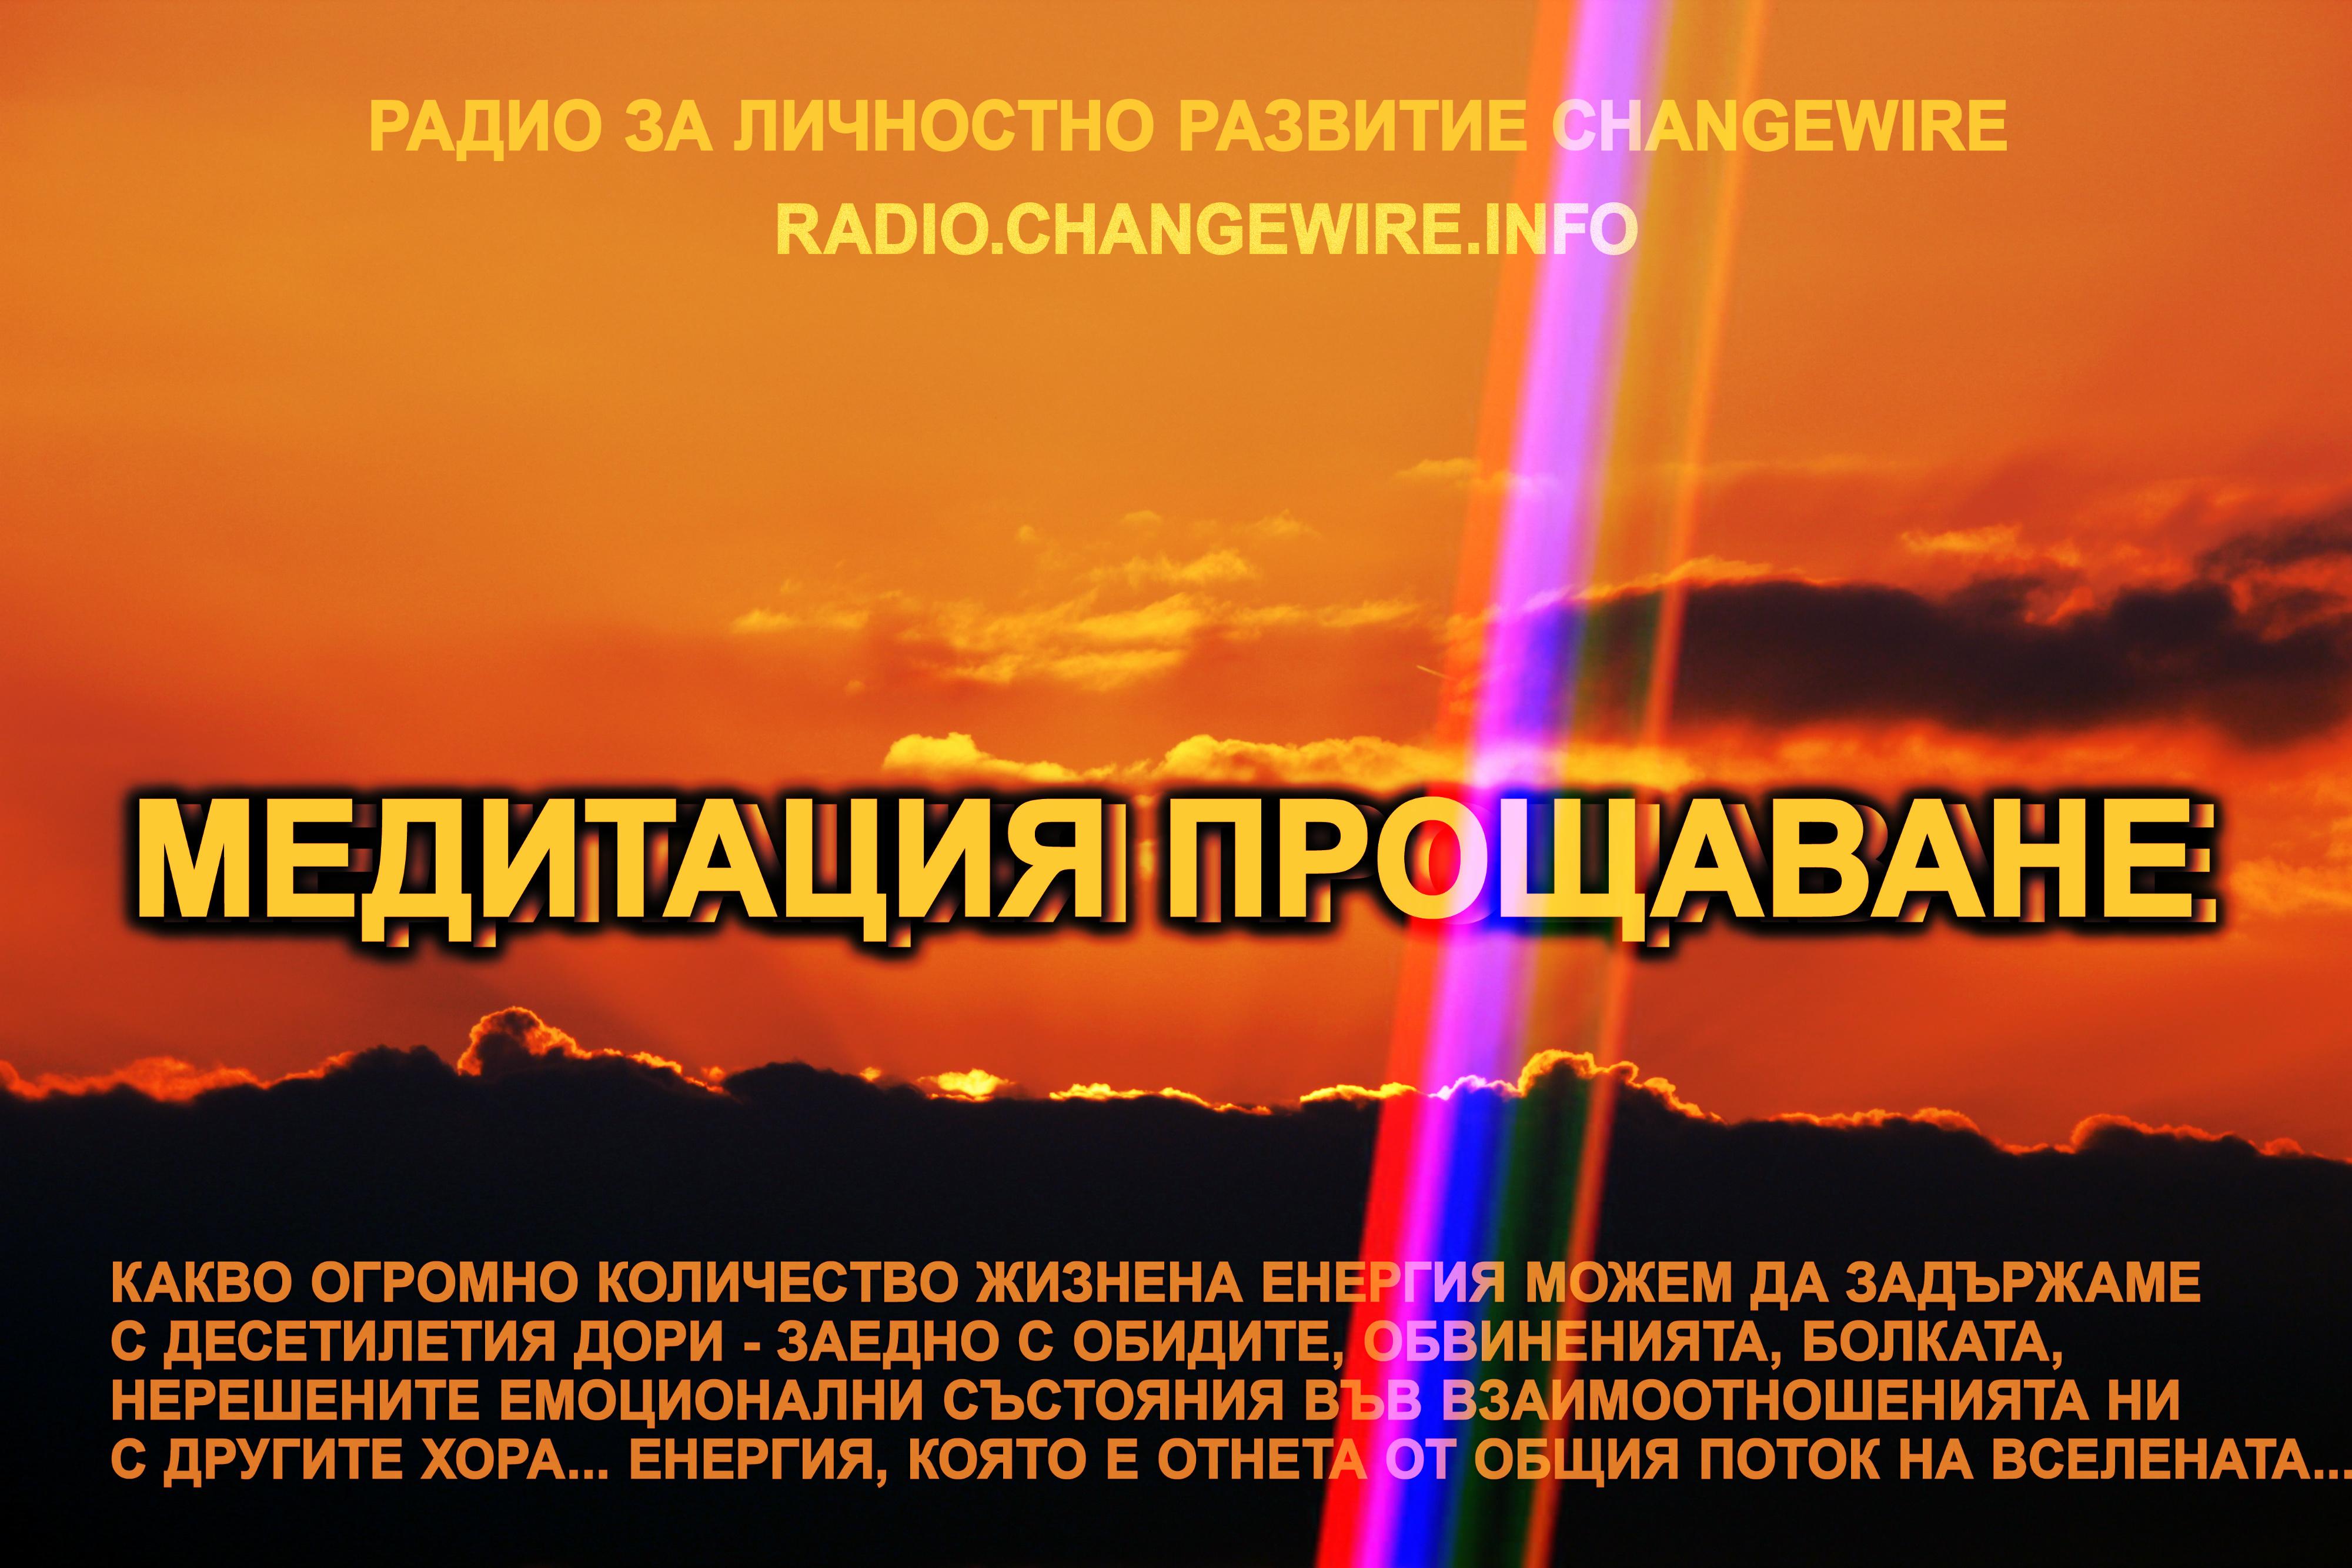 Вилхелм Райх казва някъде, че като освободим потока на енергията в себе си, ние освобождаваме потока на енергията във вселената... Сетих се за тези думи при тестването на новата аудиопрограма на Радио за личностно развитие ChangeWire - radio.changewire.info с медитация за прощаване на близките. Какво огромно количество жизнена енергия можем да задържаме с десетилетия дори - заедно с обидите, обвиненията, болката, нерешените емоционални състояния във взаимоотношенията ни с другите хора... Енергия, която е отнета от общия поток на вселената...